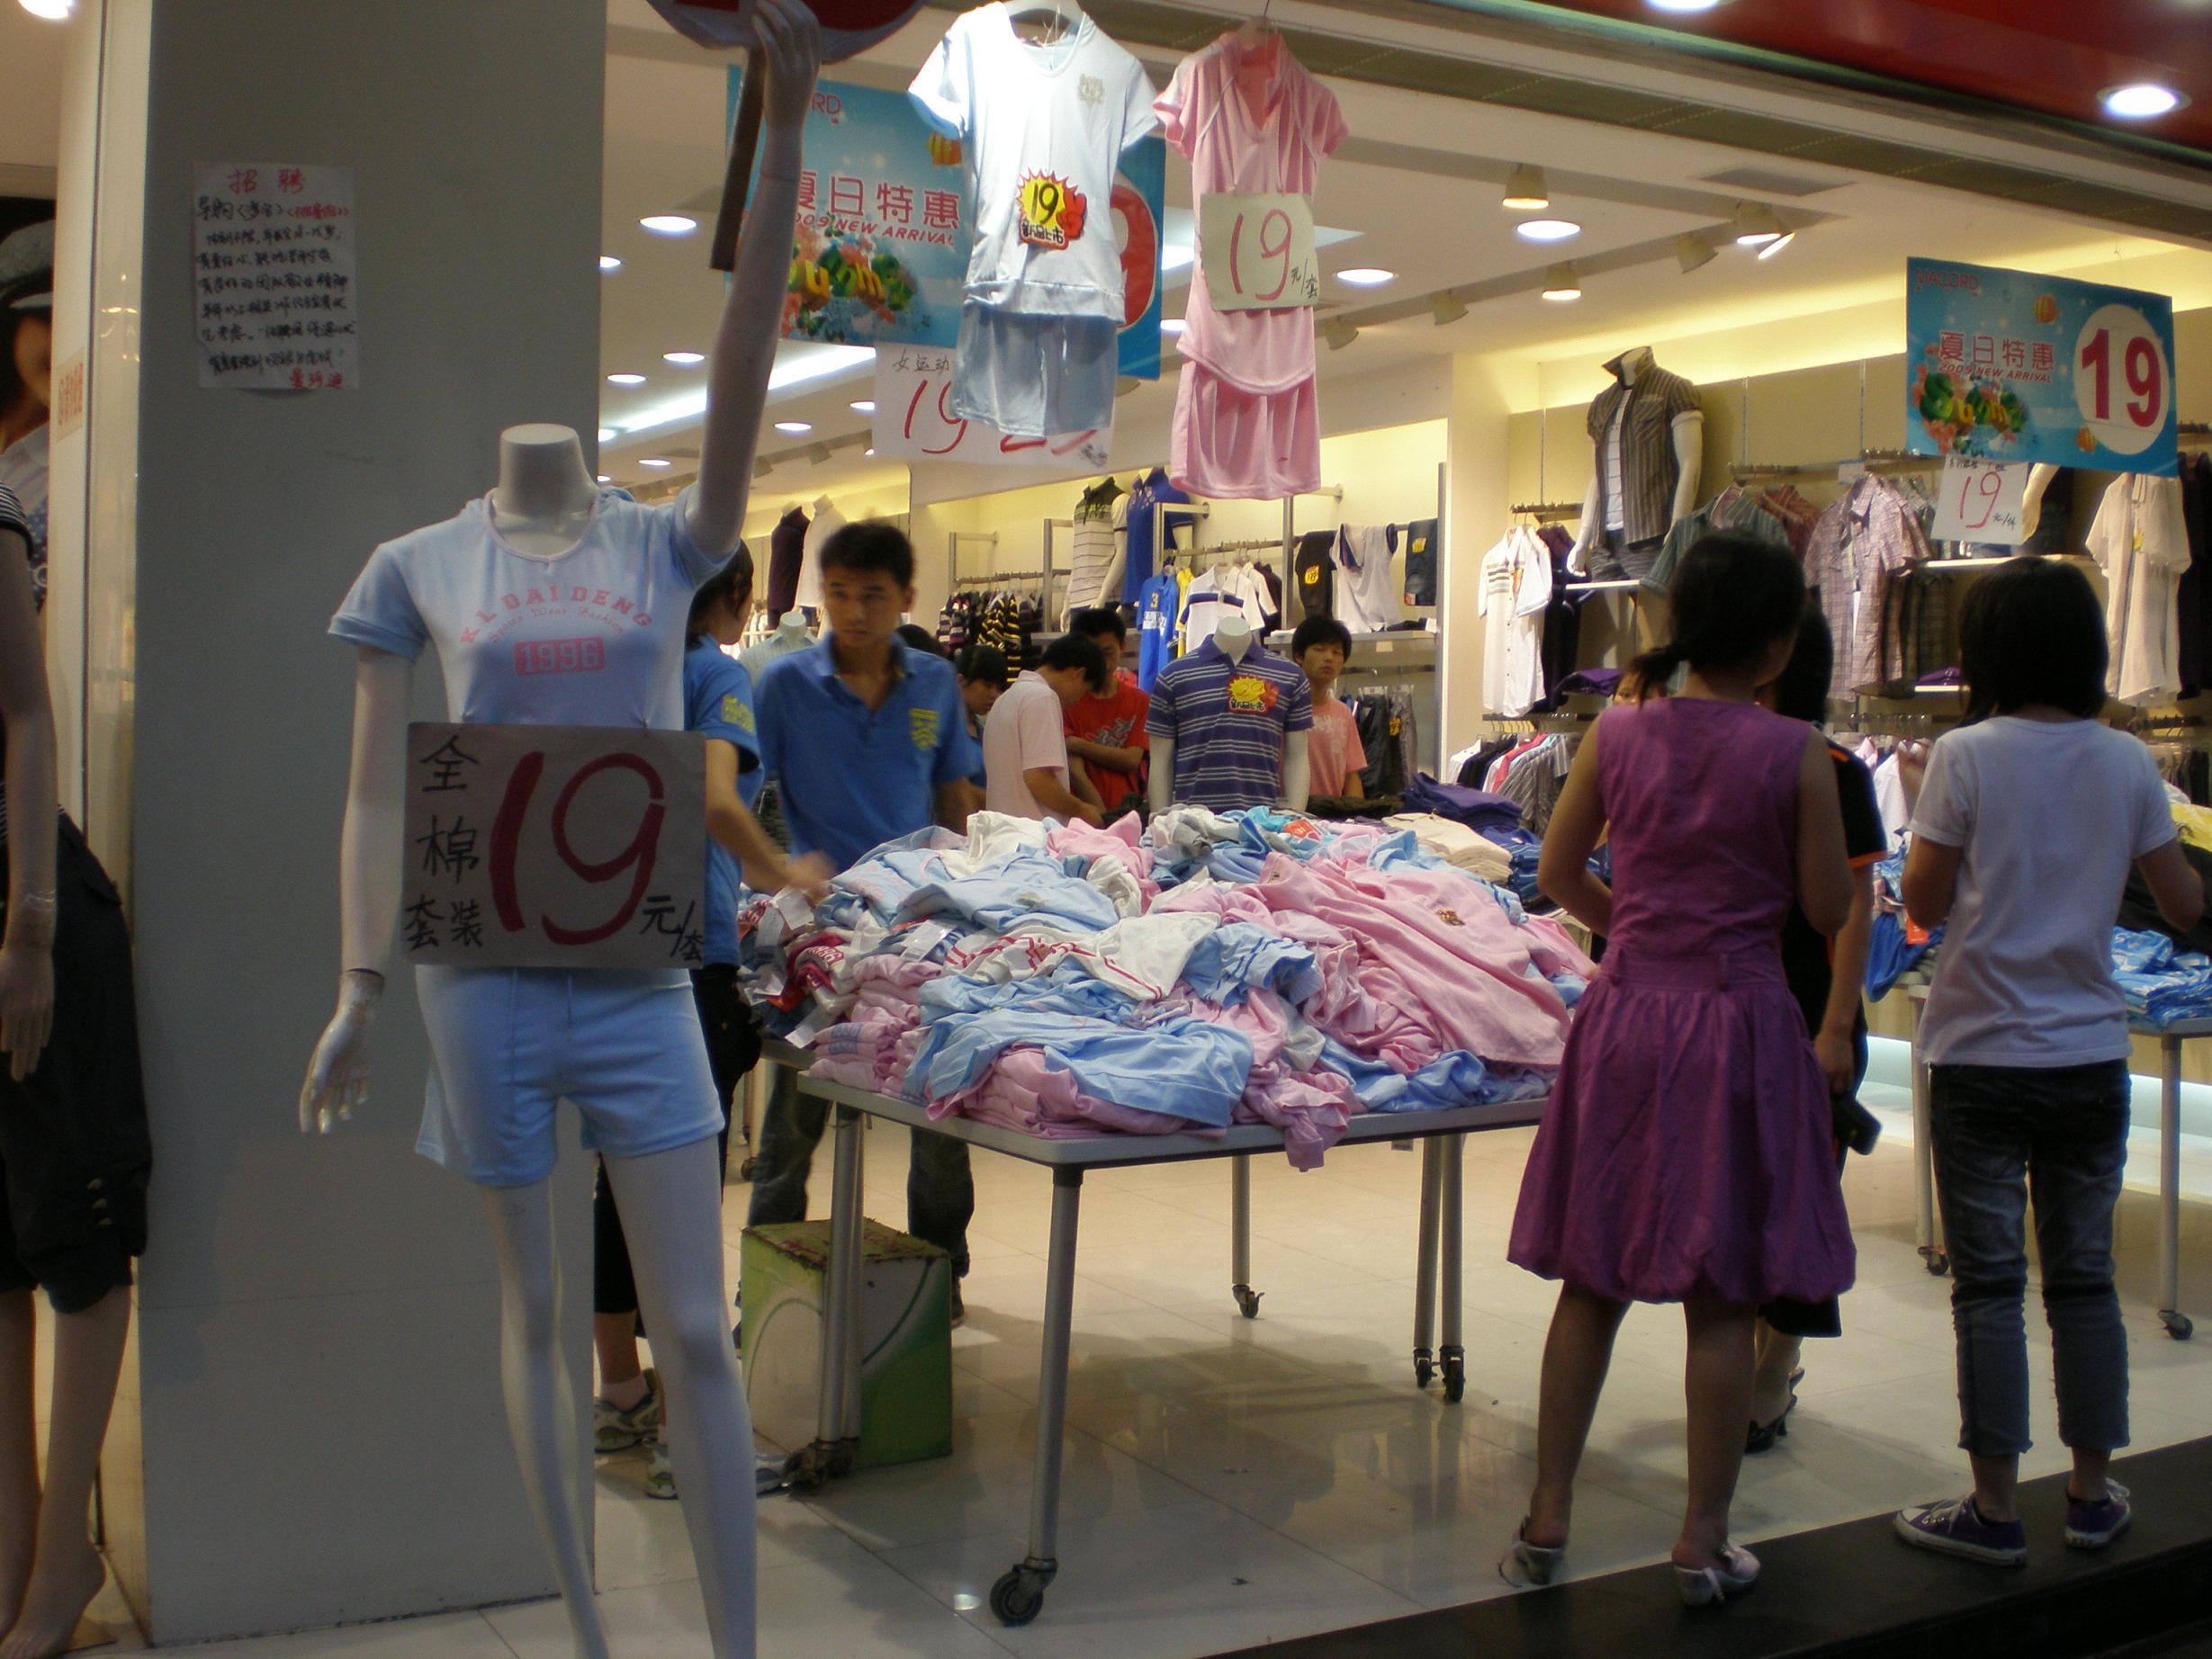 中国マーケット調査 in 湖南省+北京_b0183063_8135499.jpg